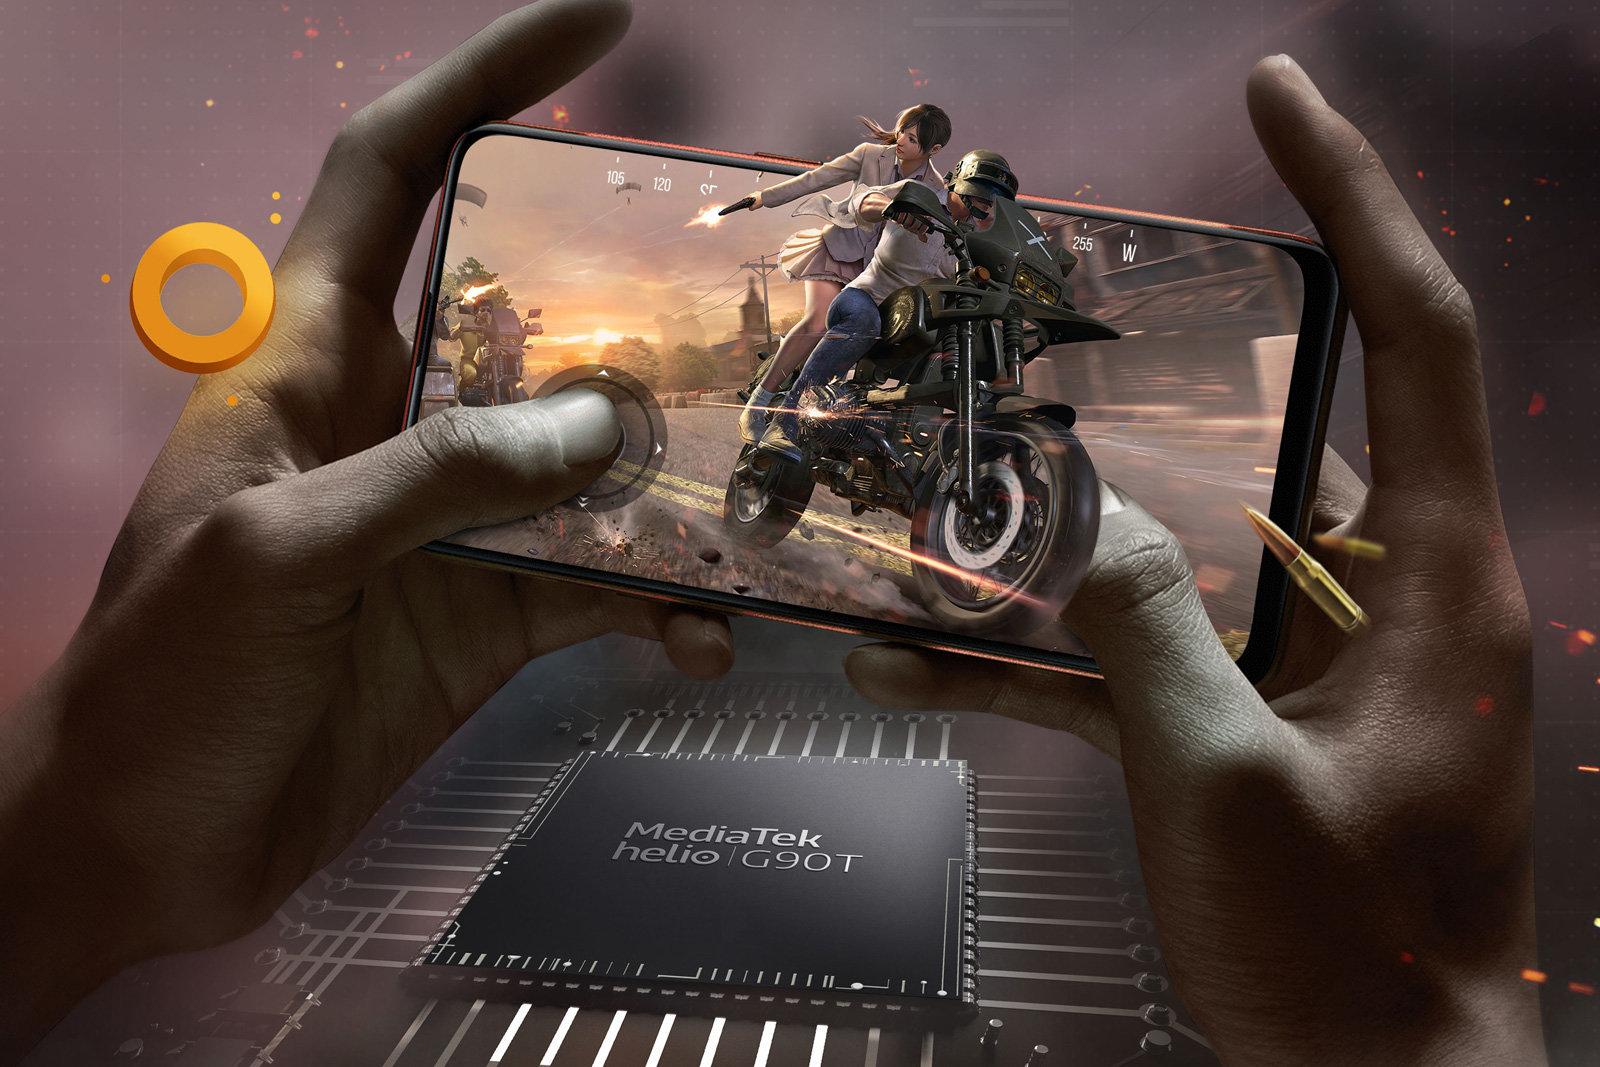 Redmi chuẩn bị ra mắt smartphone chuyên game giá rẻ, dùng chip Helio G90T - Ảnh 3.